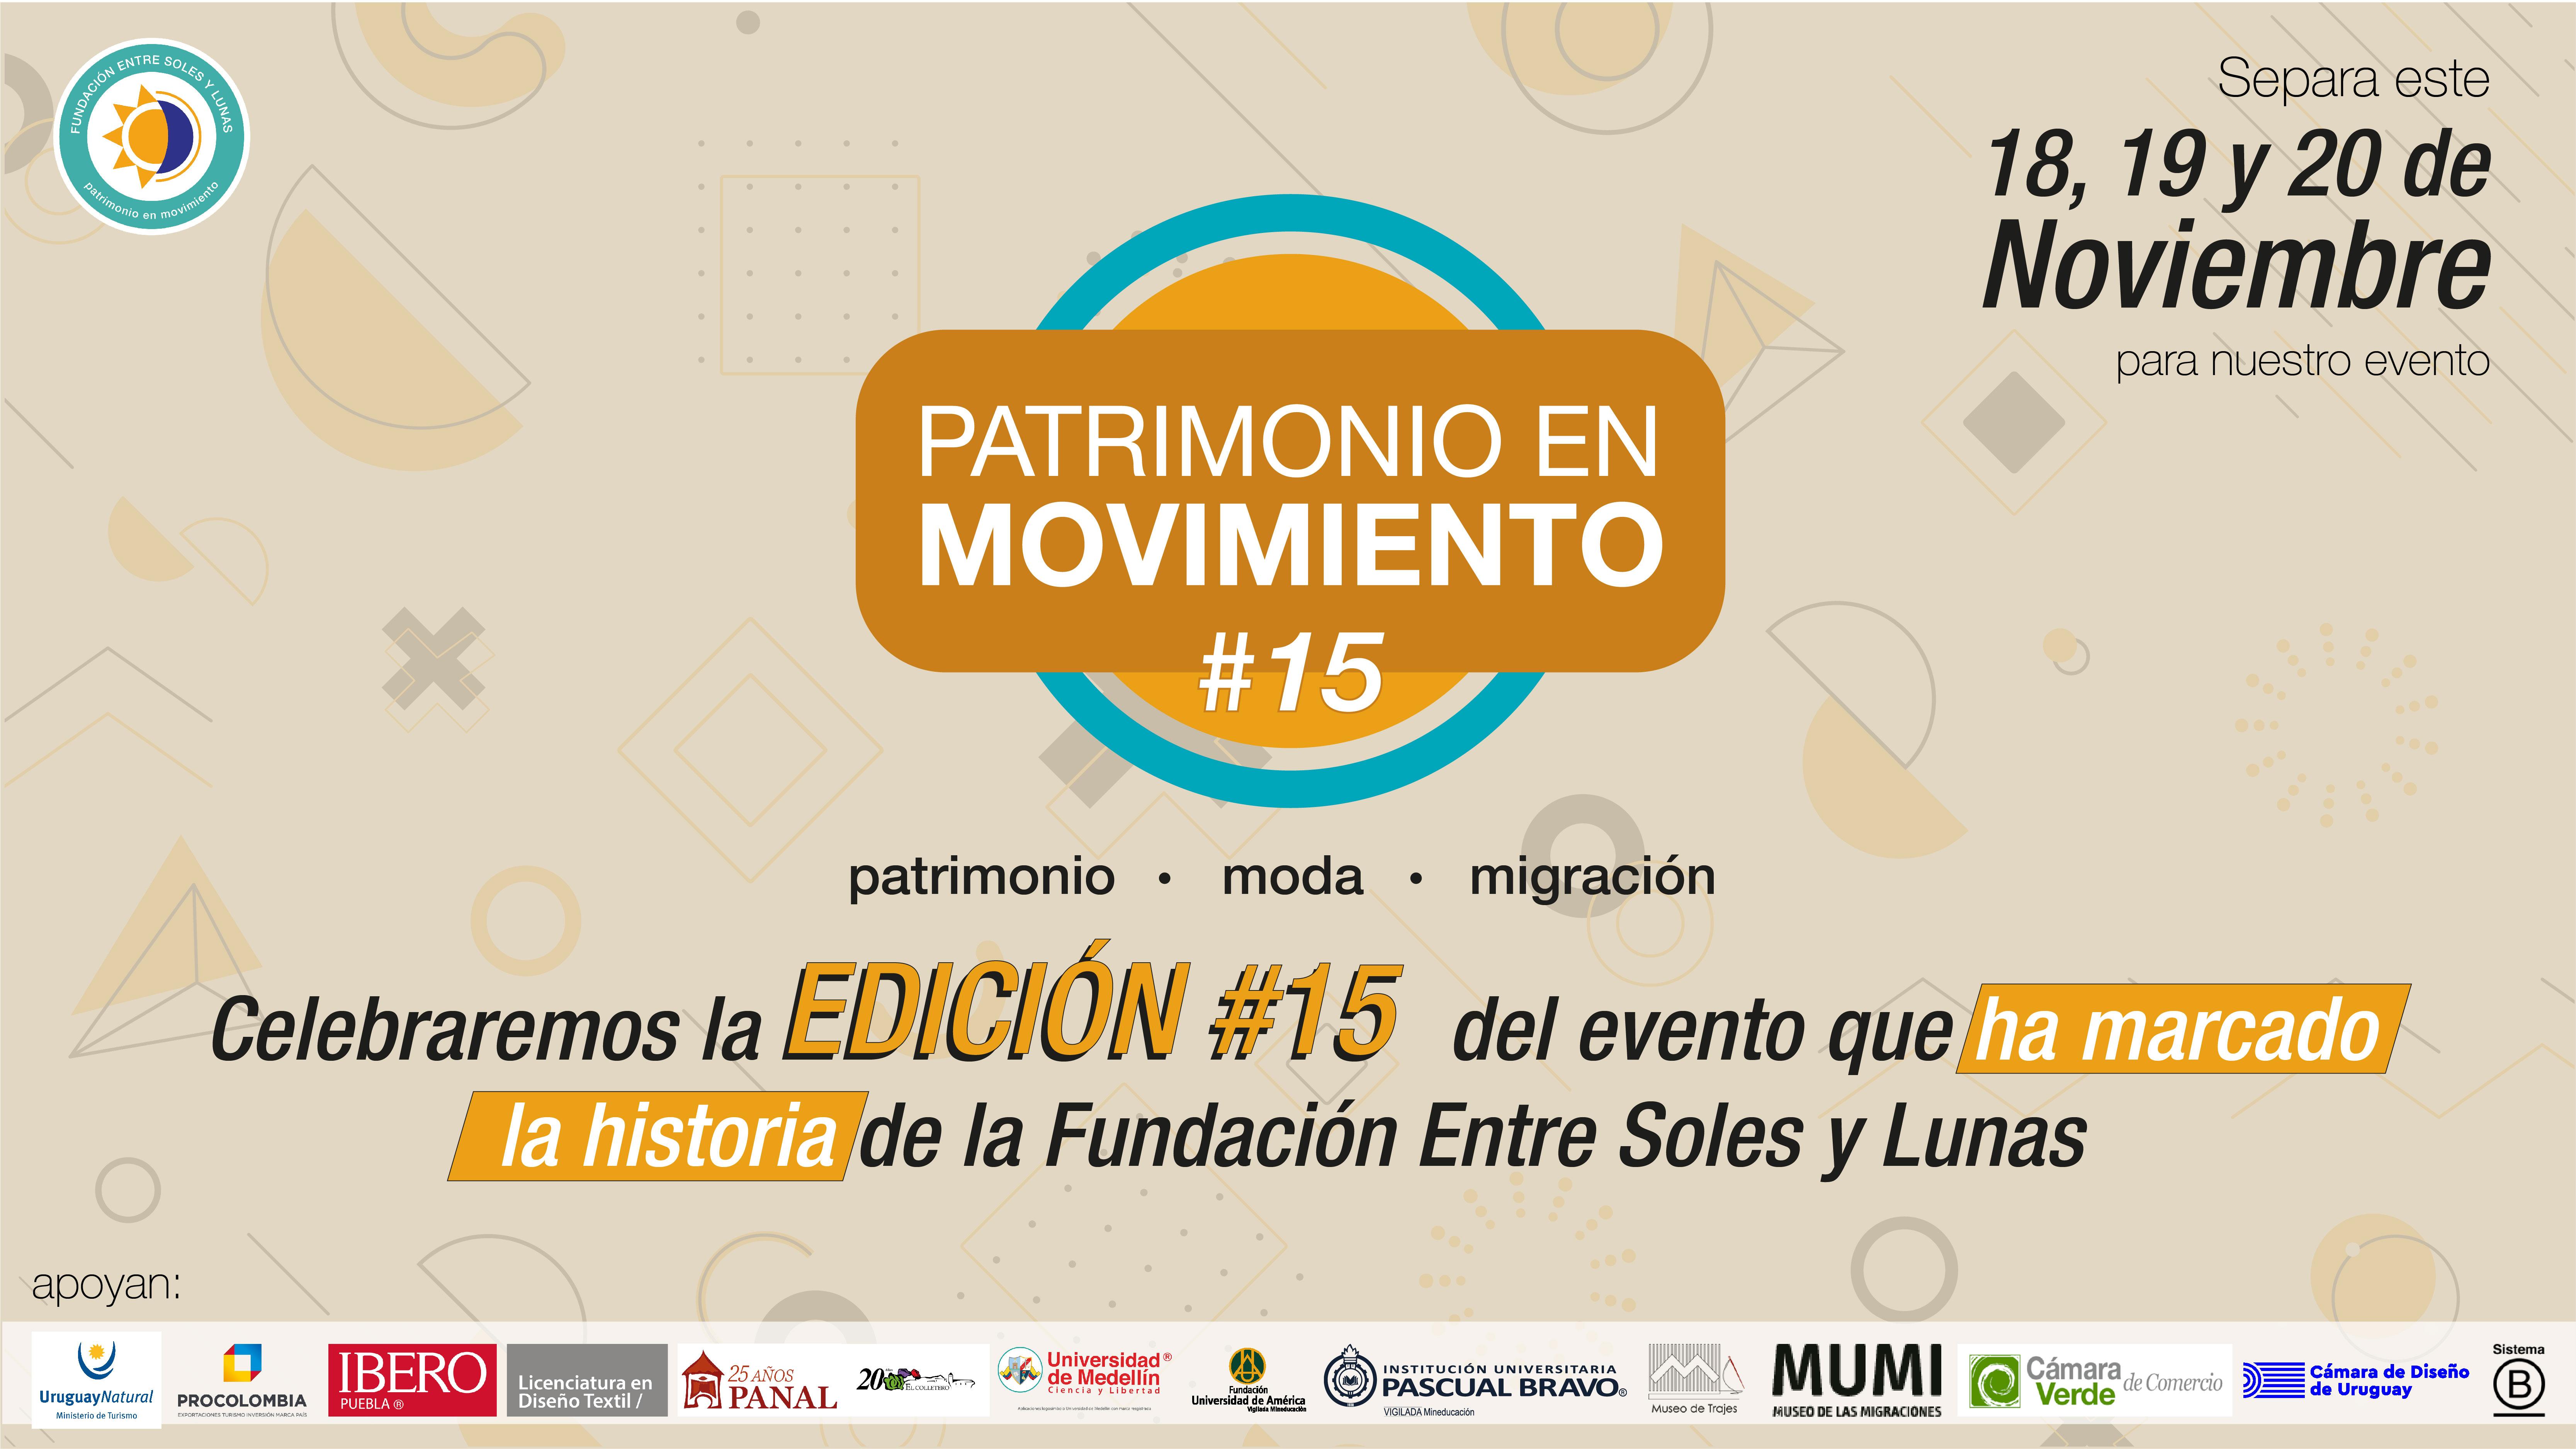 La Fundación Entre Soles y Lunas celebrará una nueva edición de Patrimonio en Movimiento